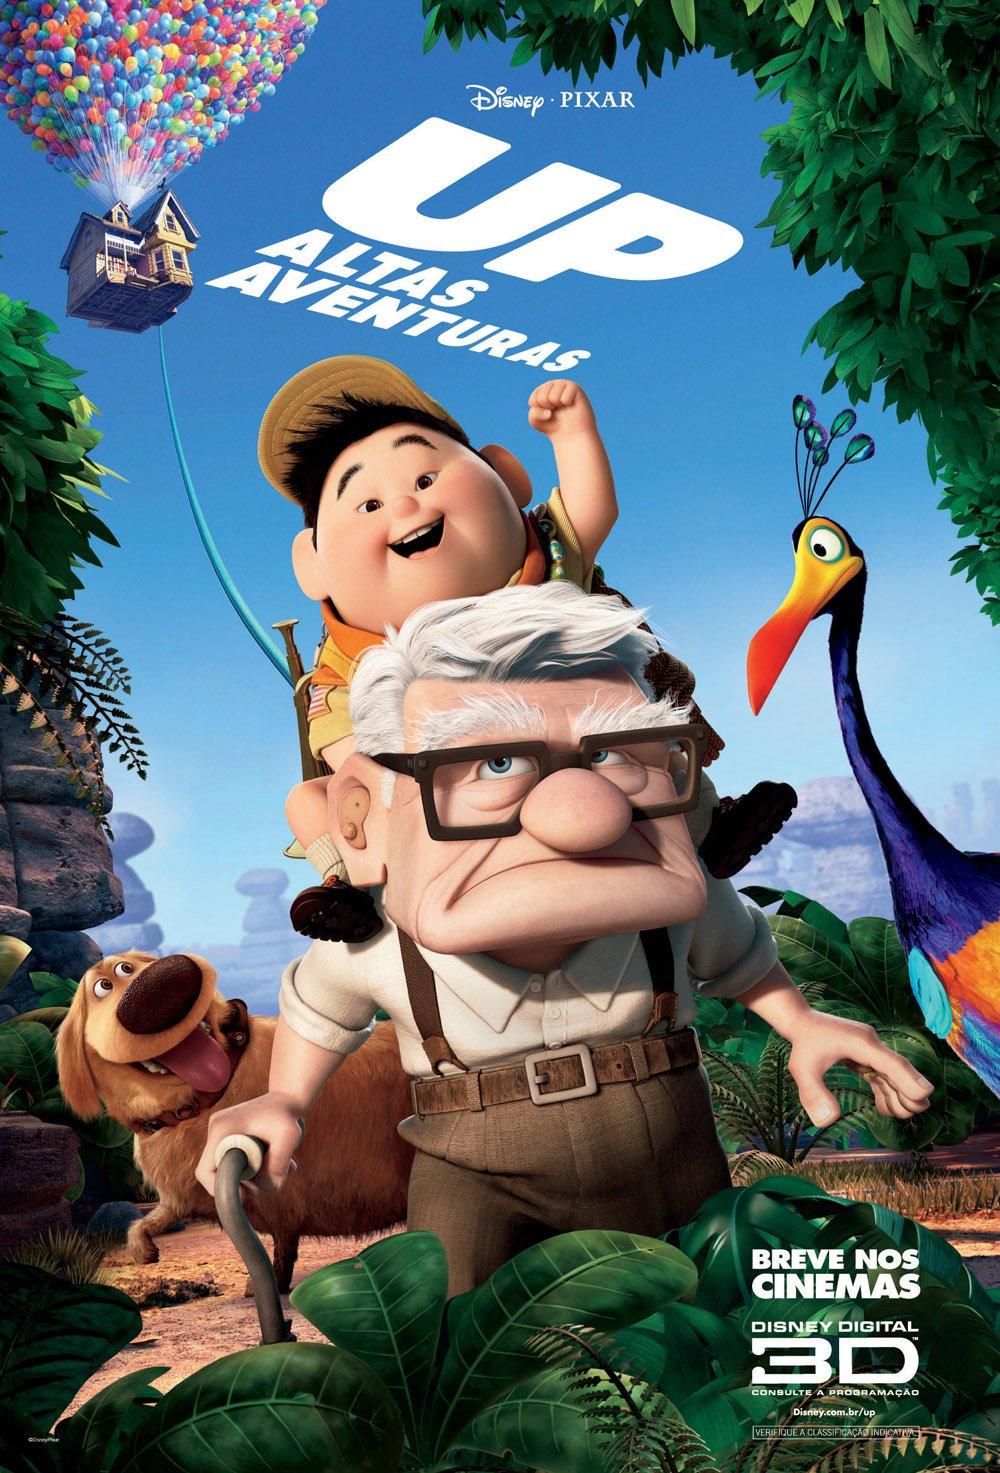 Up_Movies